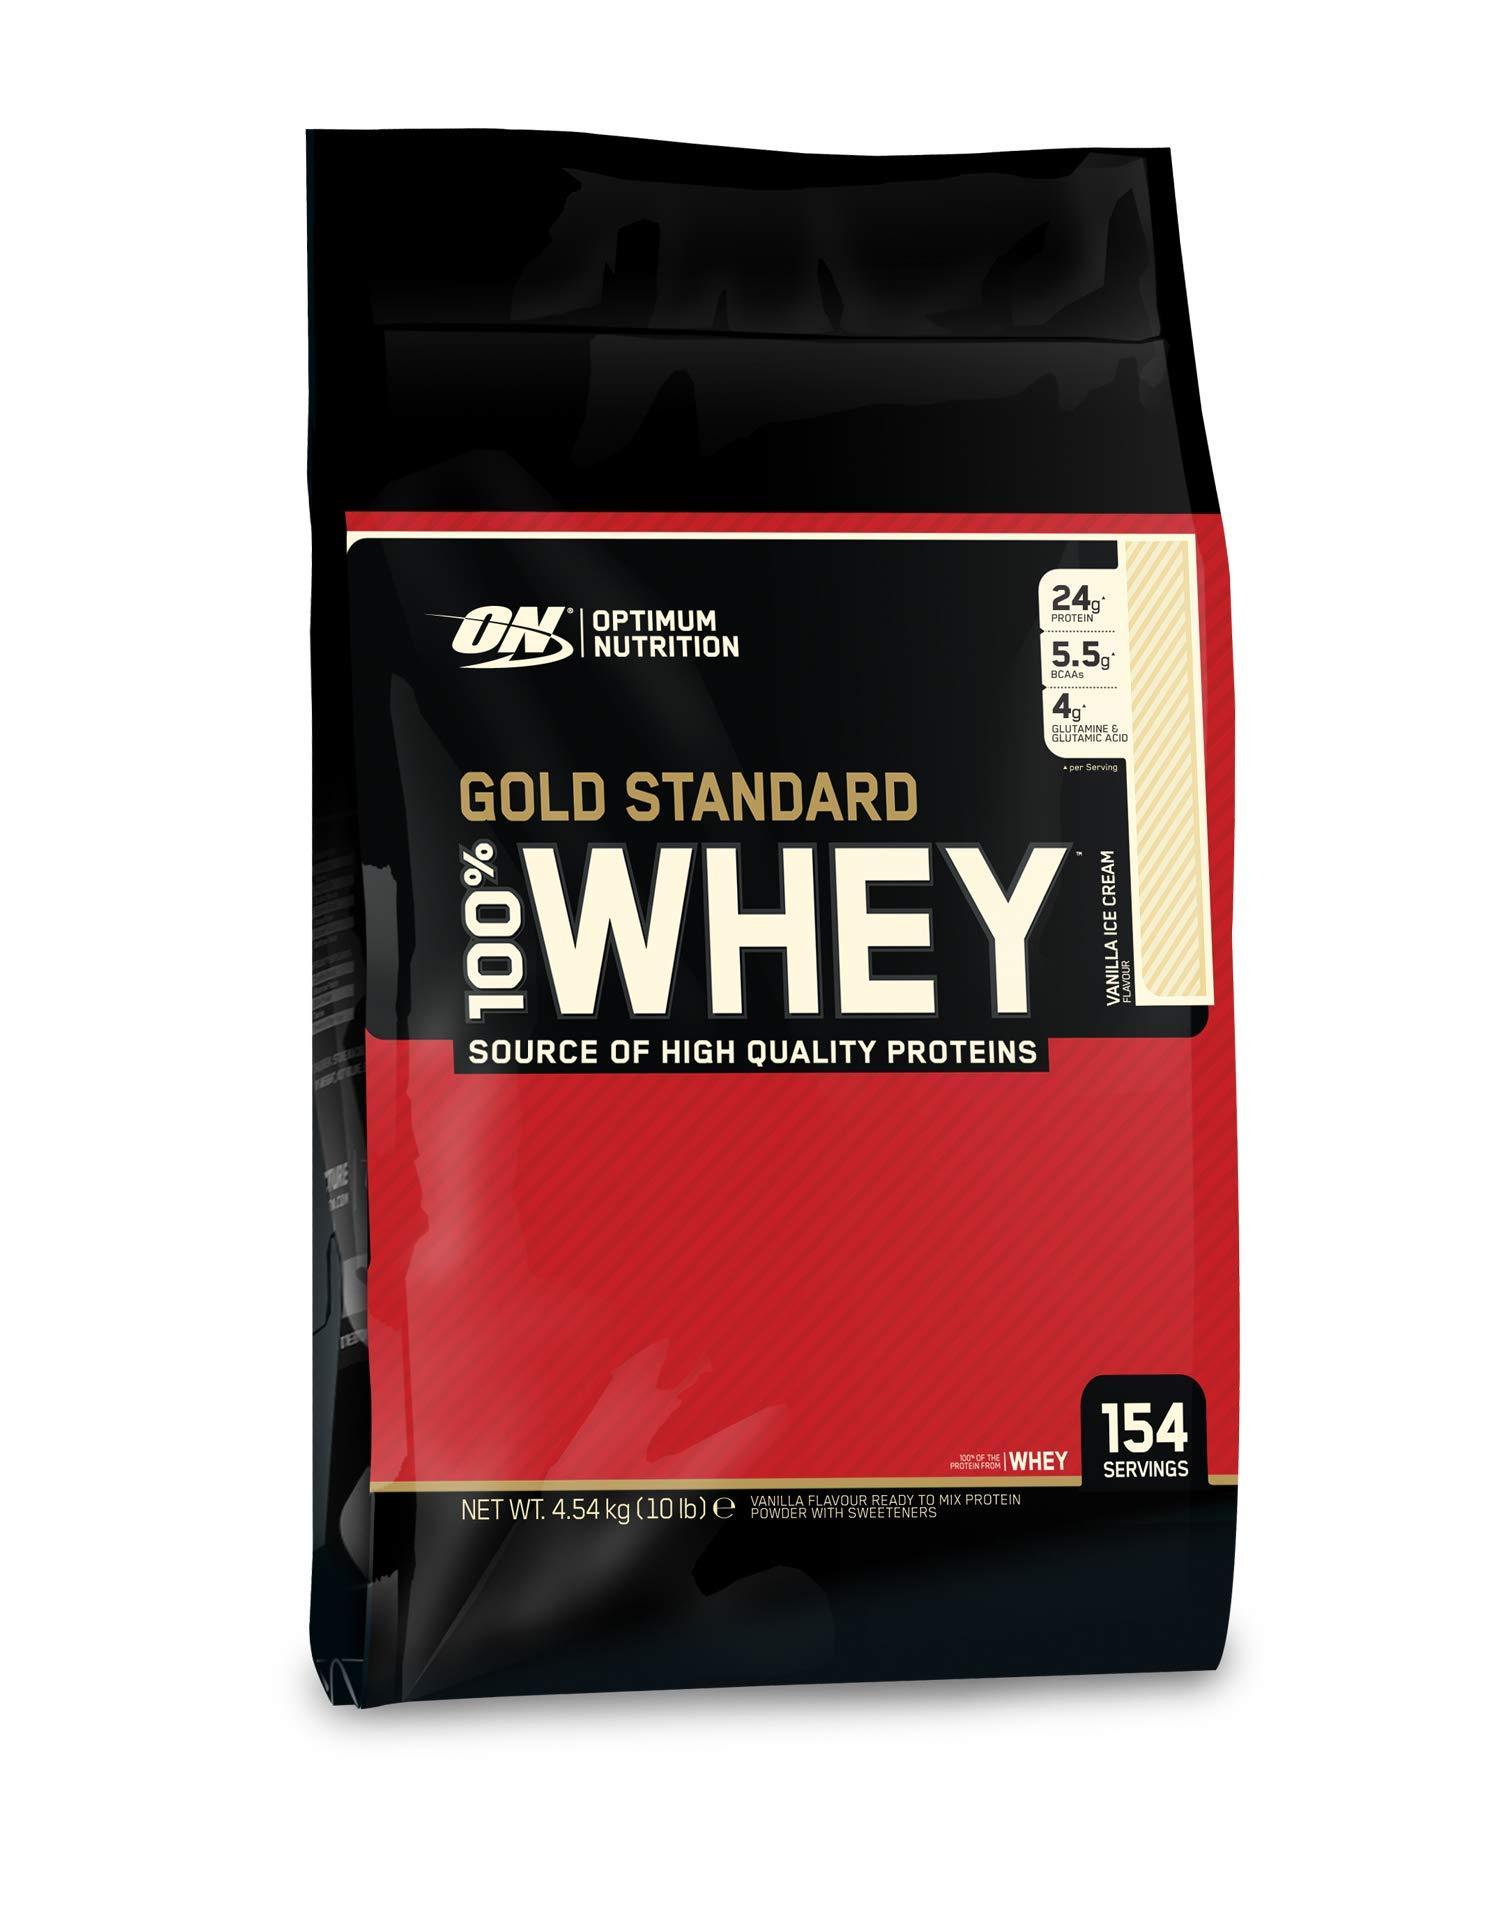 OPTIMUM NUTRITION Gold Standard 100% Whey Protein Powder, Vanilla Ice Cream, 10 Pound by Optimum Nutrition